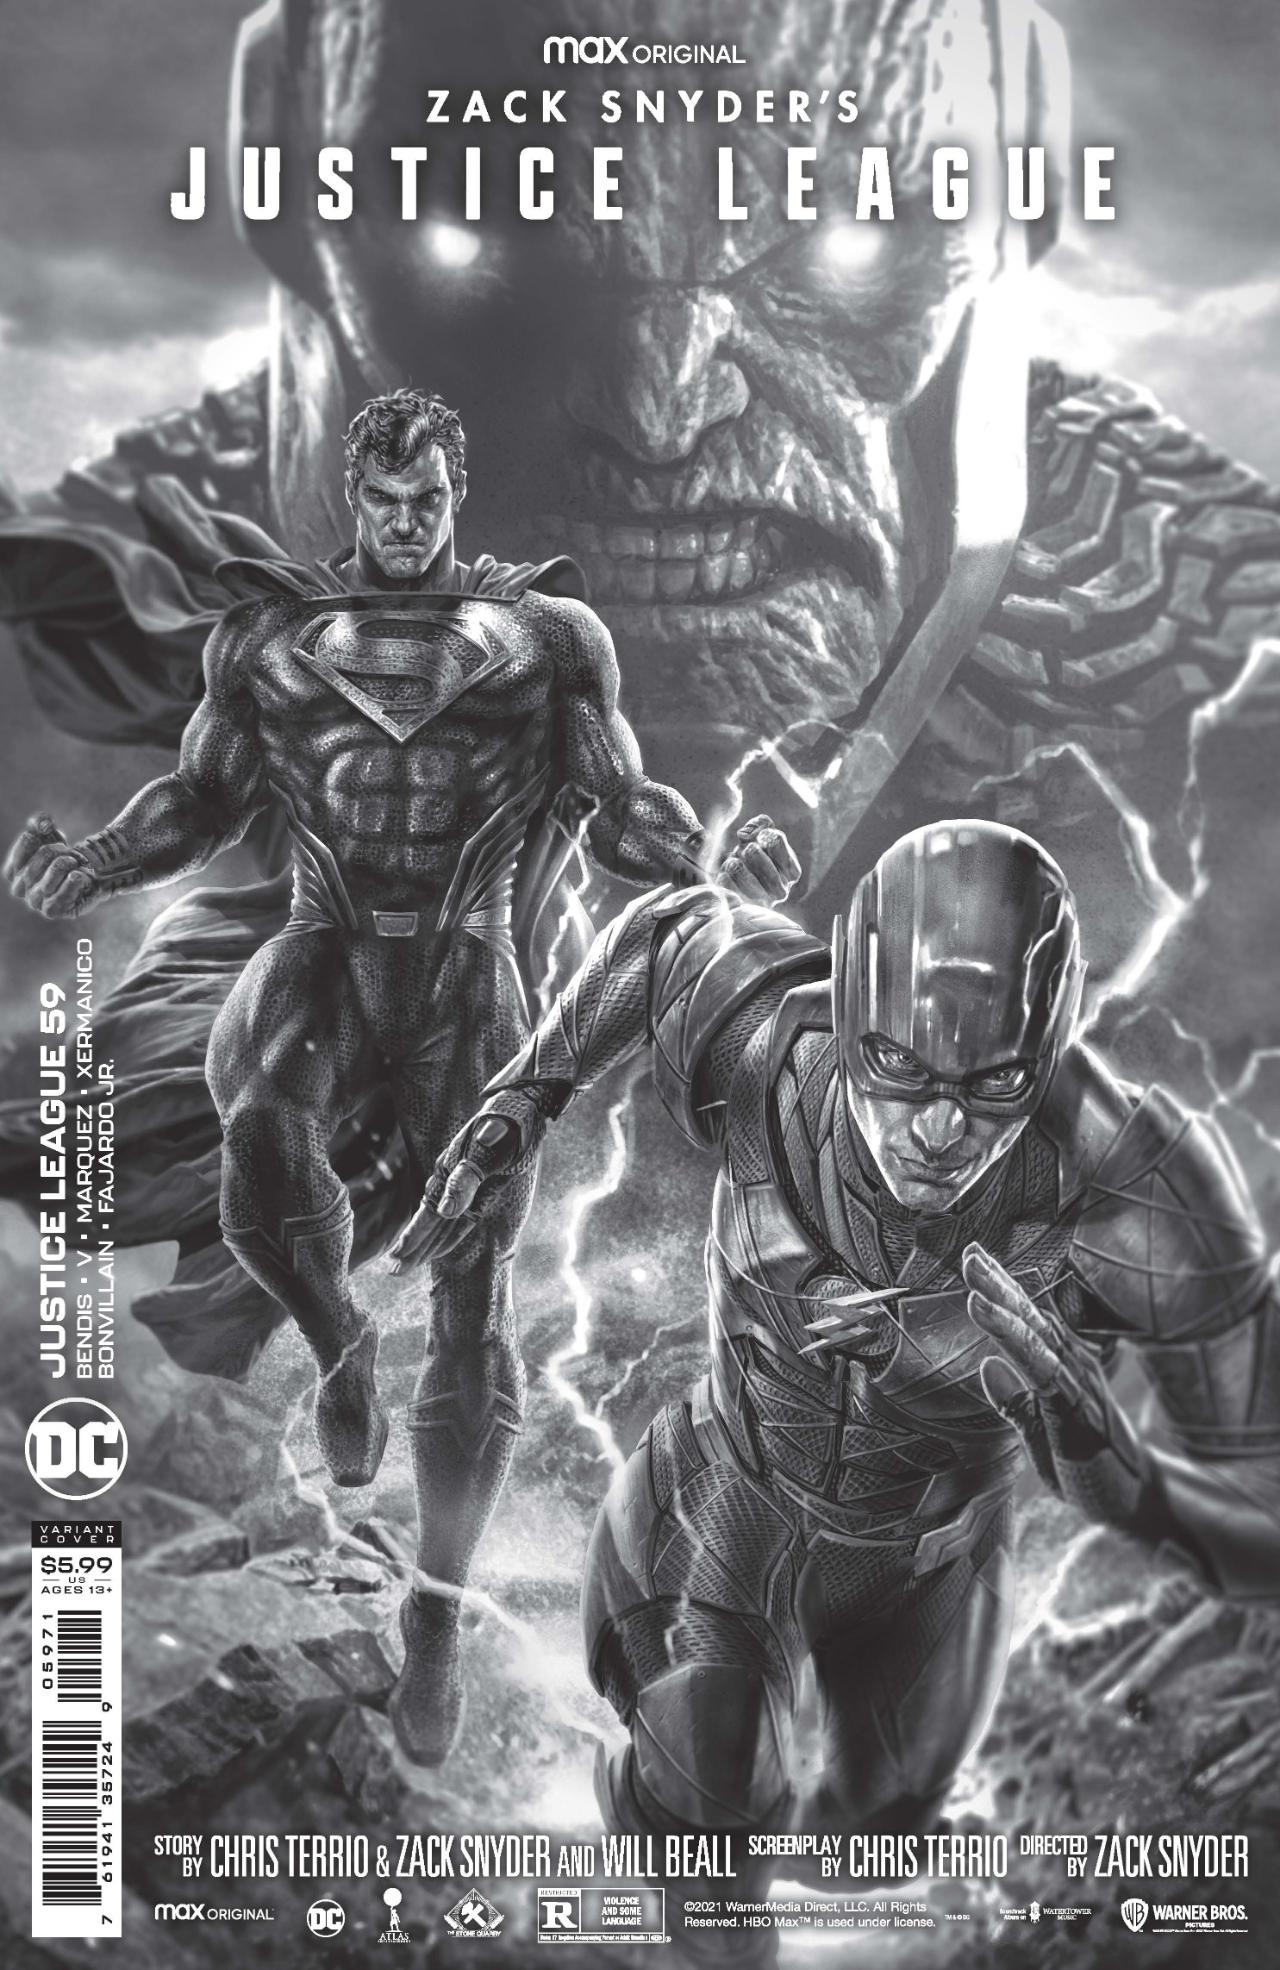 Cubiertas variantes de la Liga de la Justicia de Zack Snyder